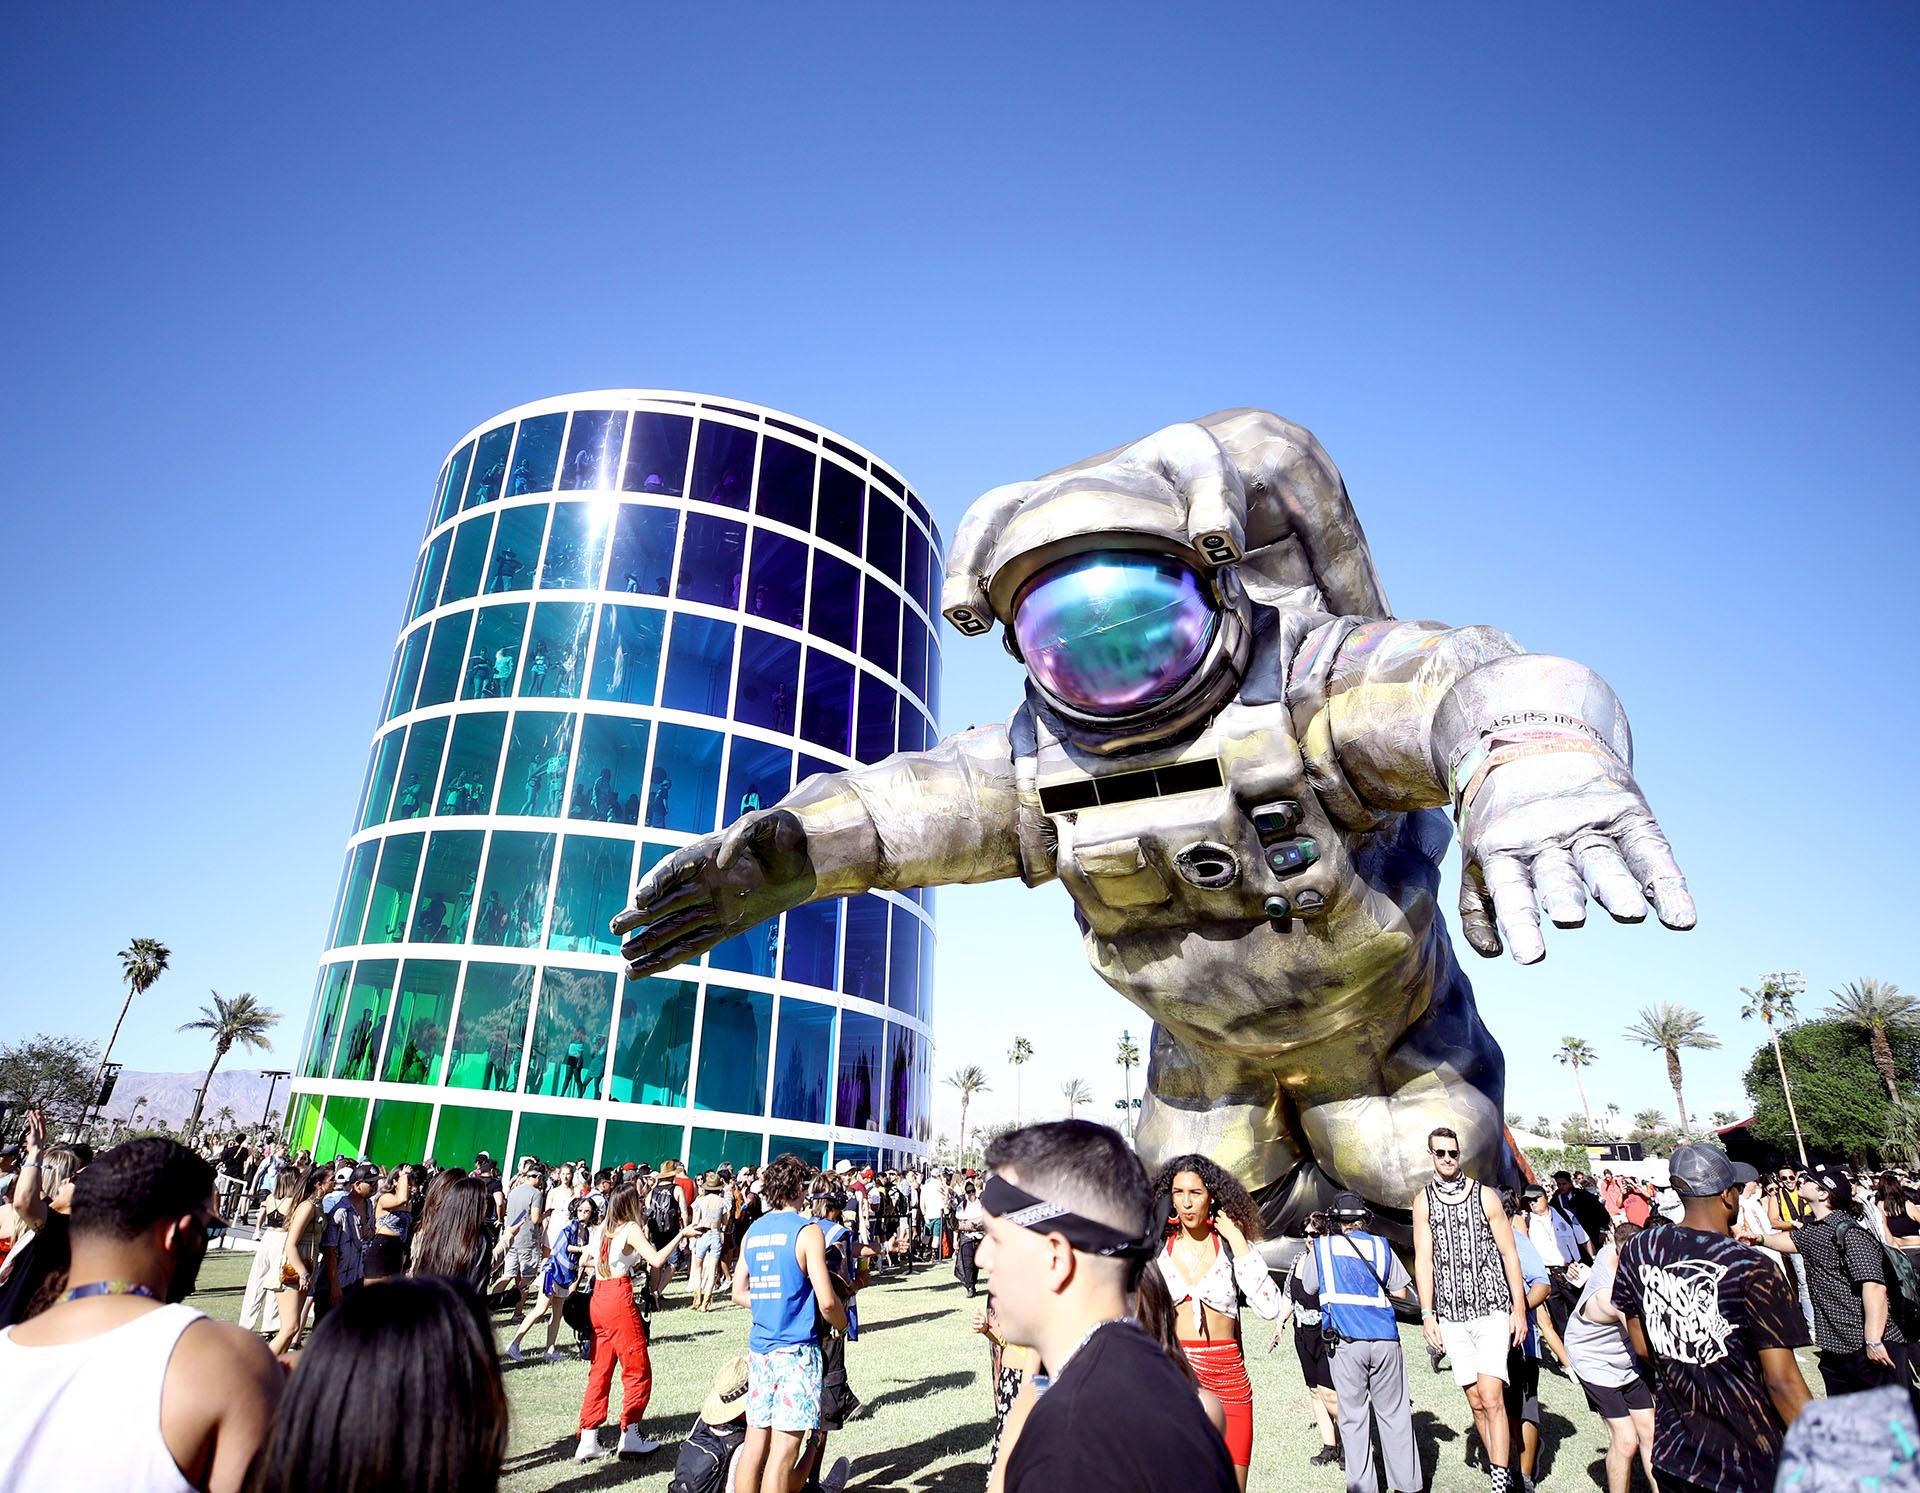 En el interior del predio hay una estructura gigante de un astronauta